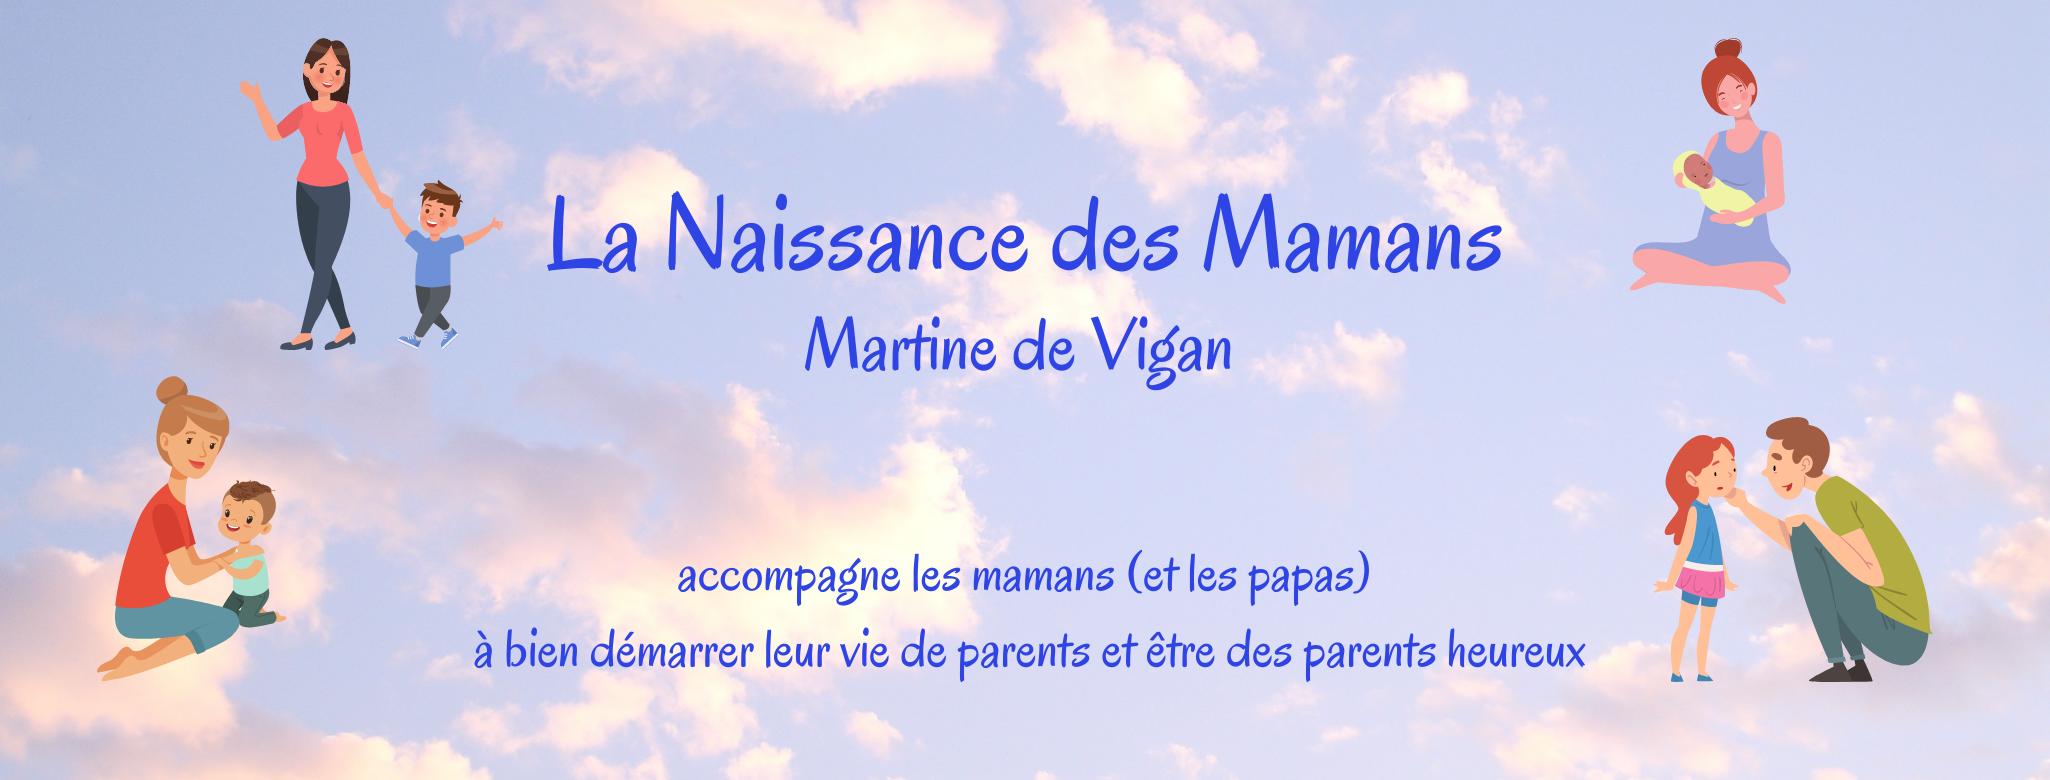 La Naissance des Mamans